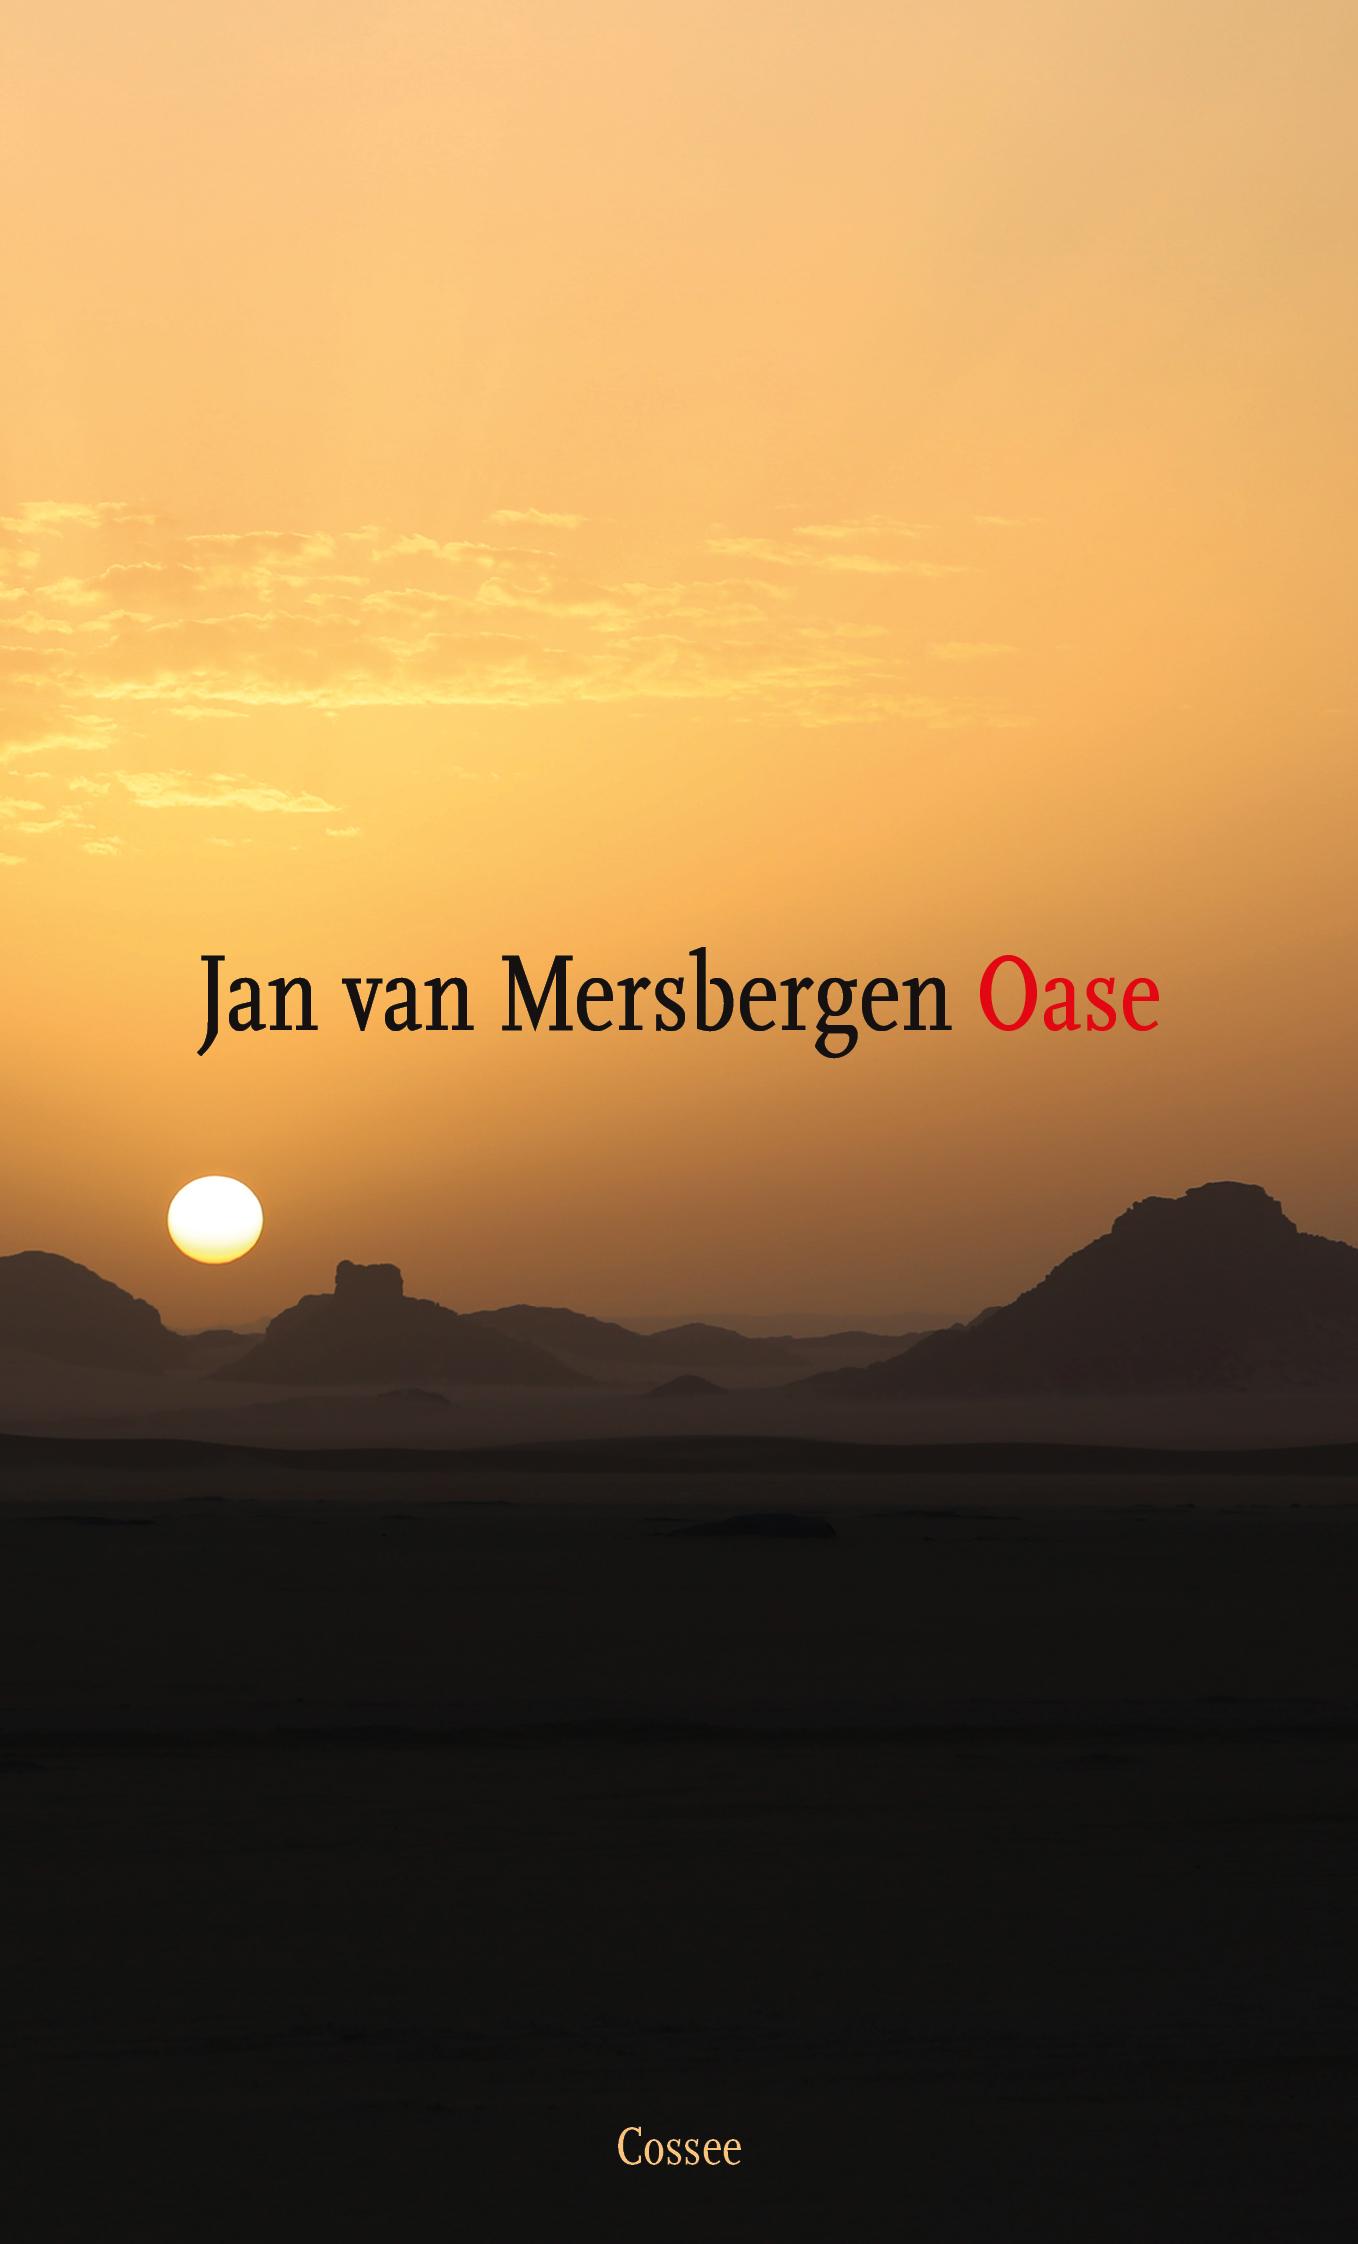 Jan van Mersbergen bij presentatie Buun